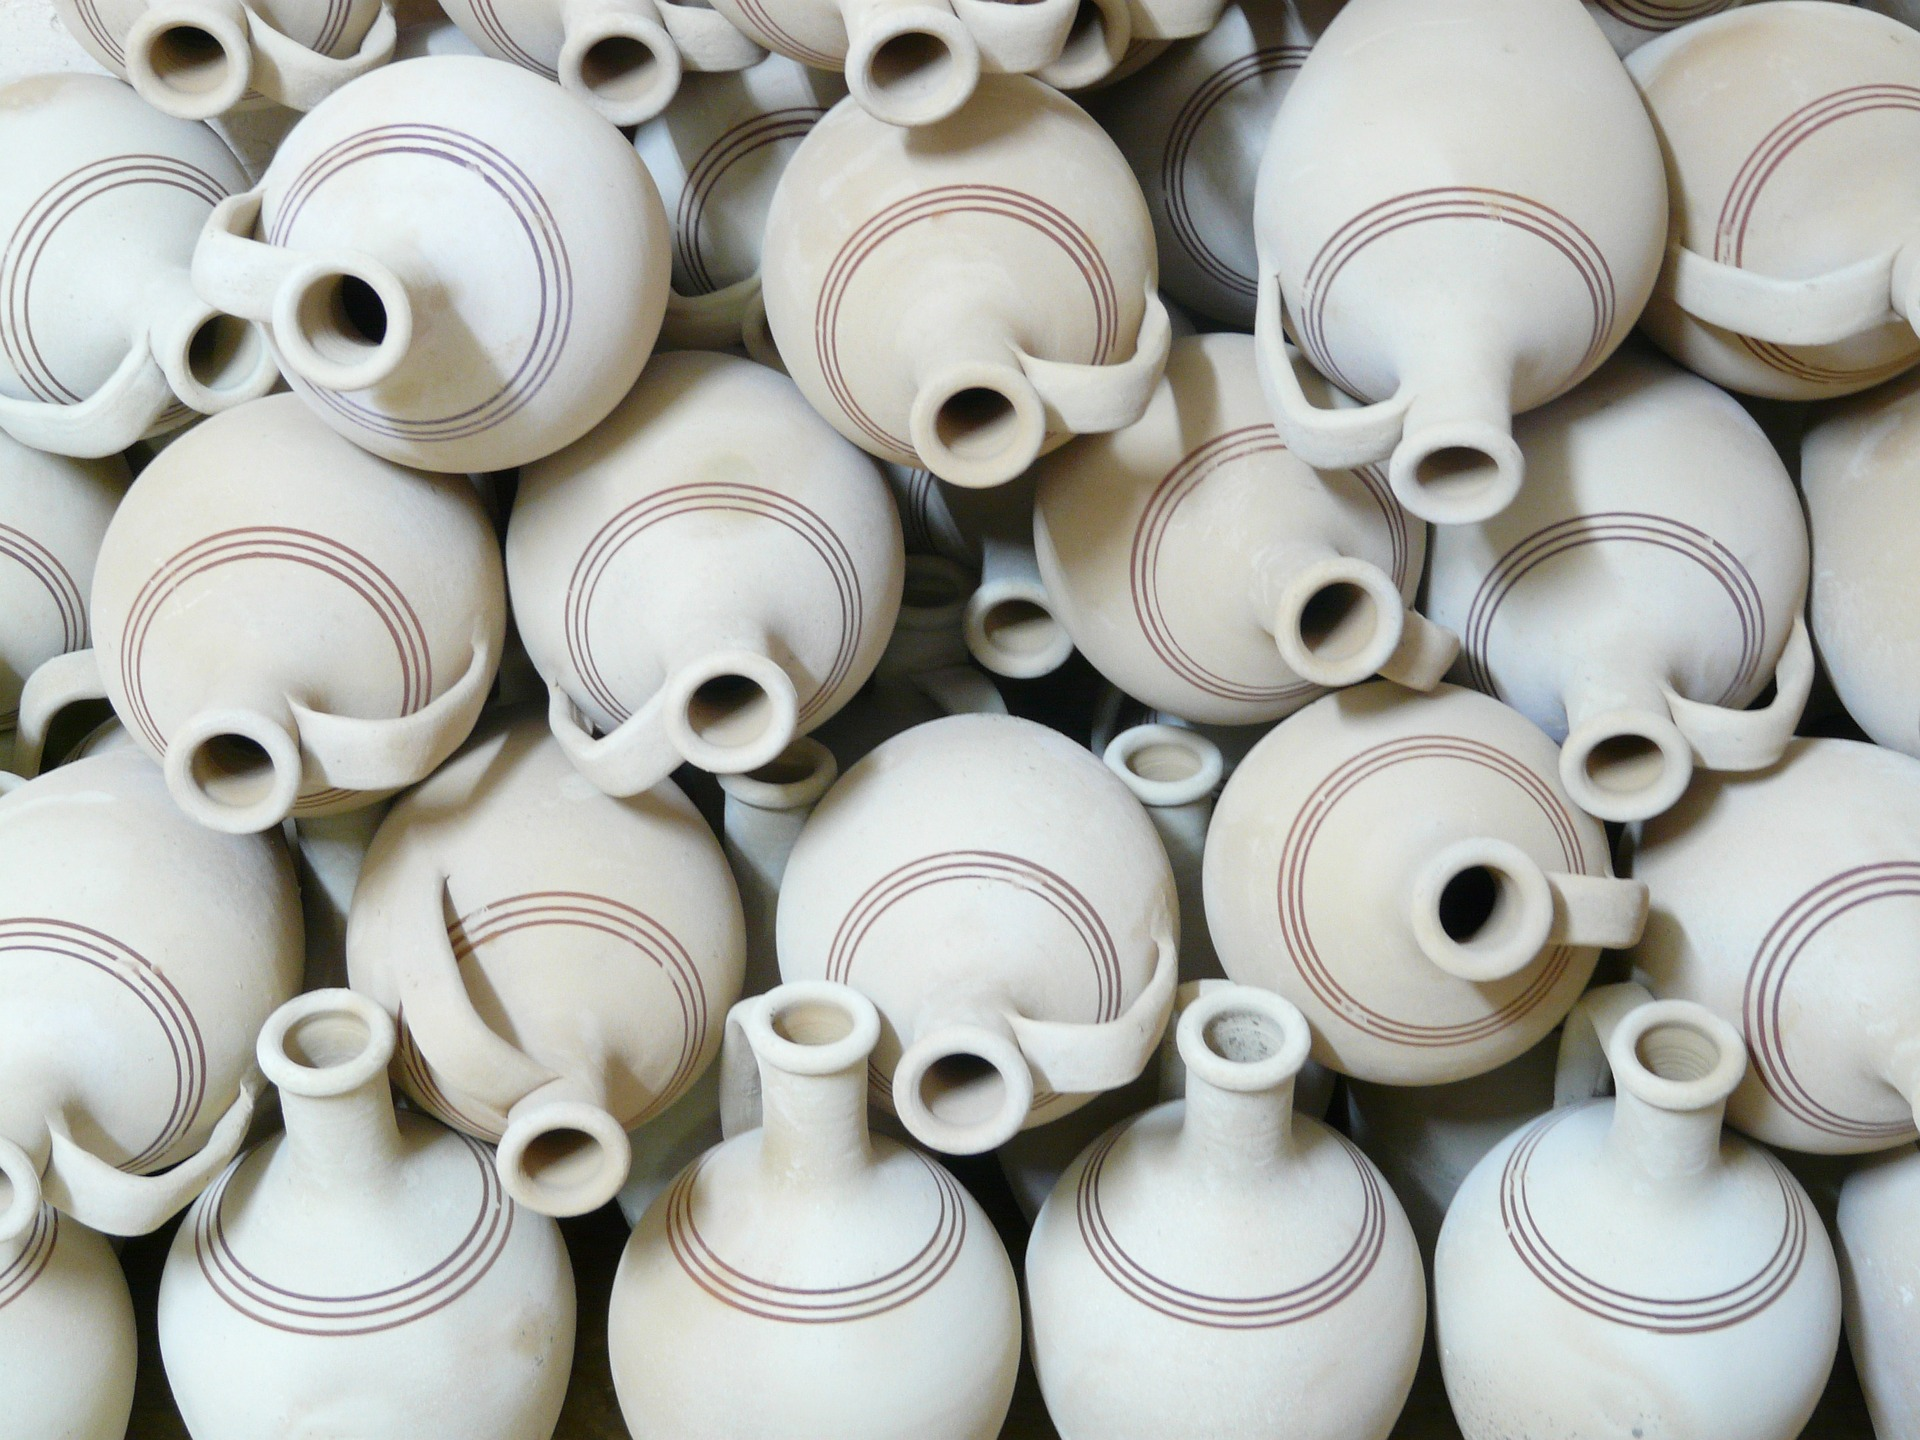 jugs-64975_1920